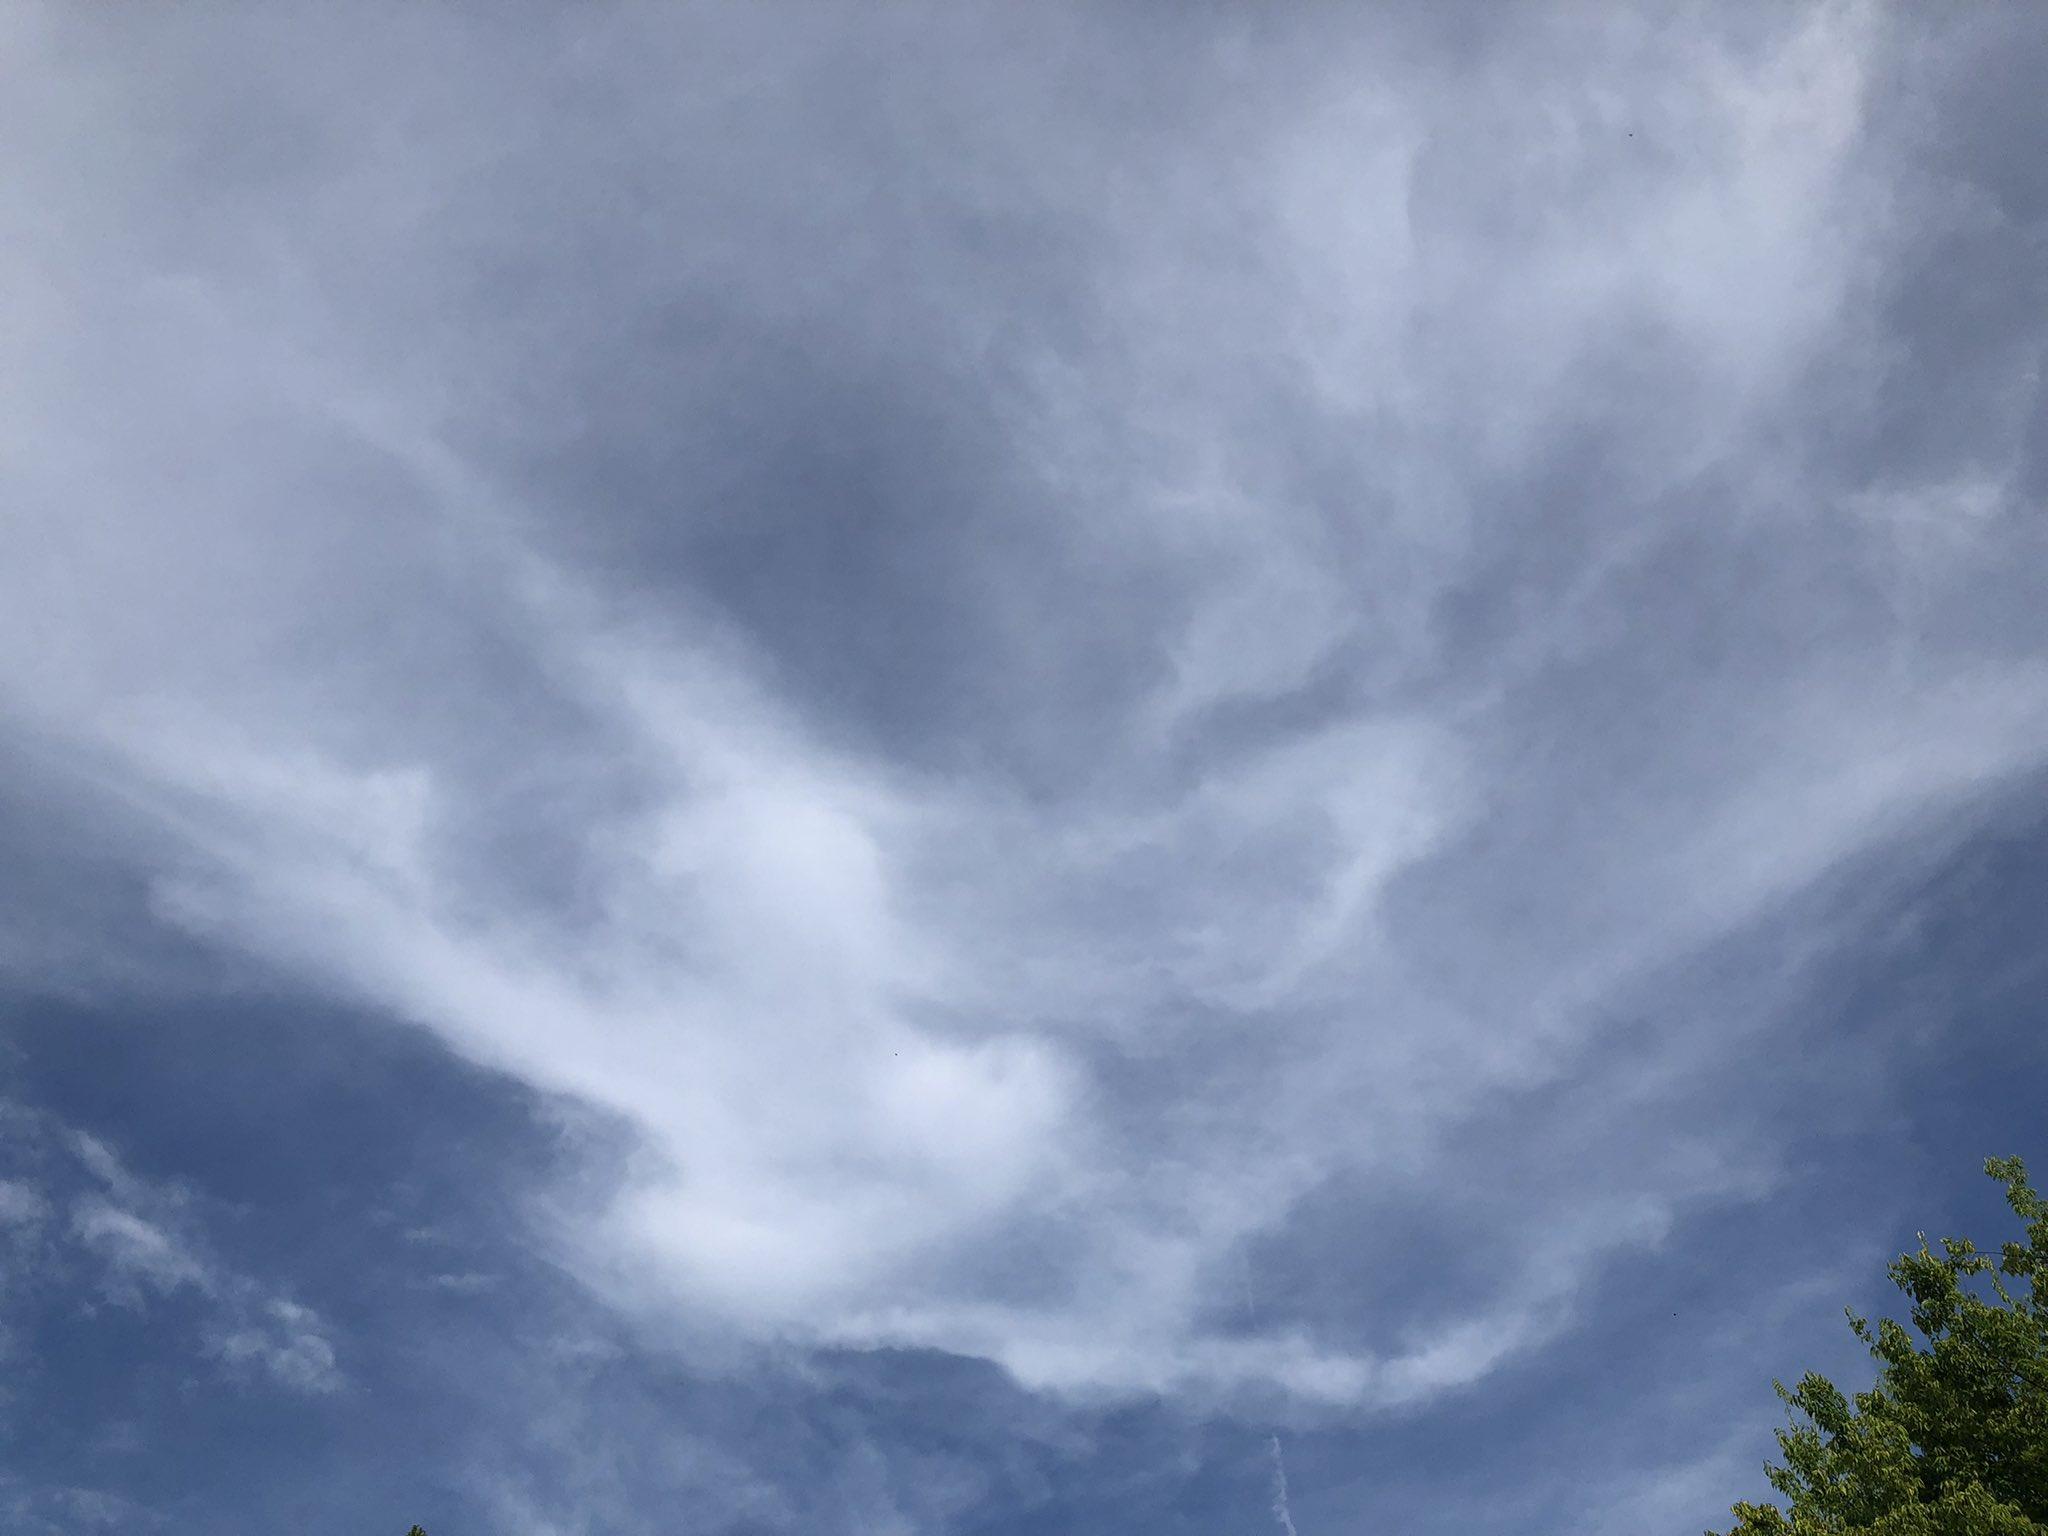 आज का मौसम कैसा रहेगा (18 जुलाई), जाने कहां होगी बारिश